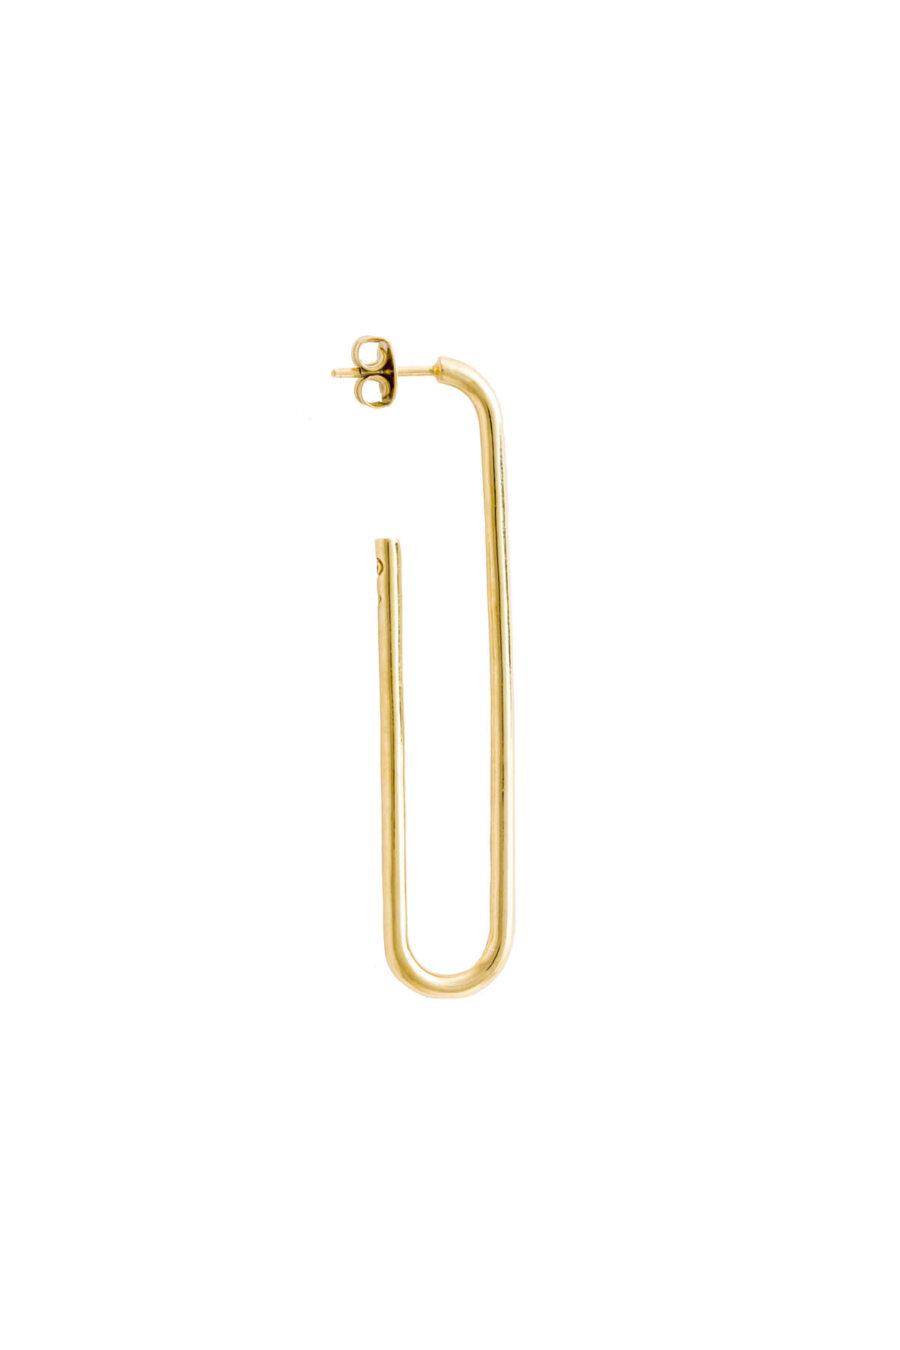 the-long-golden-link-earring-by-glenda-lopez-frontal